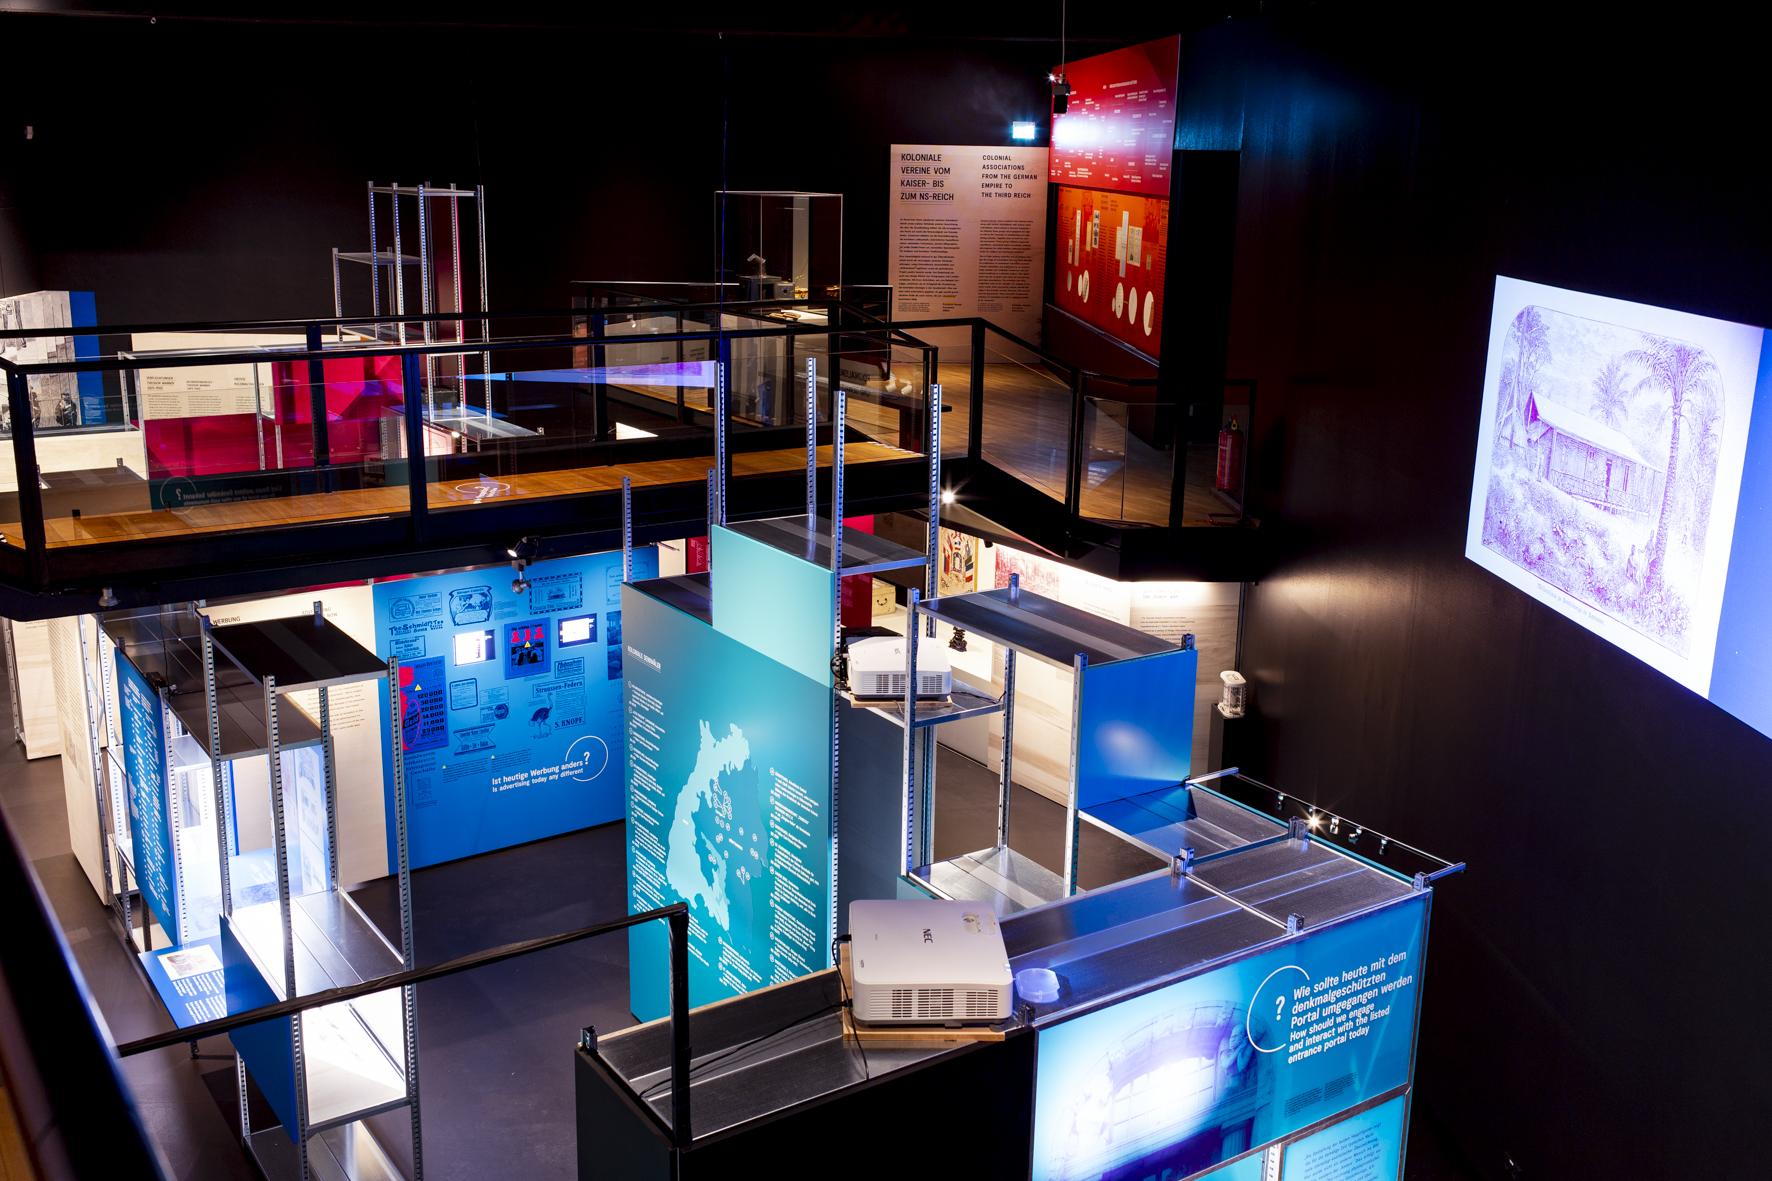 Innenausbau, Museumsbau, Objektbau von Wienss Innenausbau aus Welzheim für die Region Stuttgart, Reutlingen und weit darüber hinaus... das Lindenmuseum Stuttgart von www.wienss-innenausbau.de - Totale